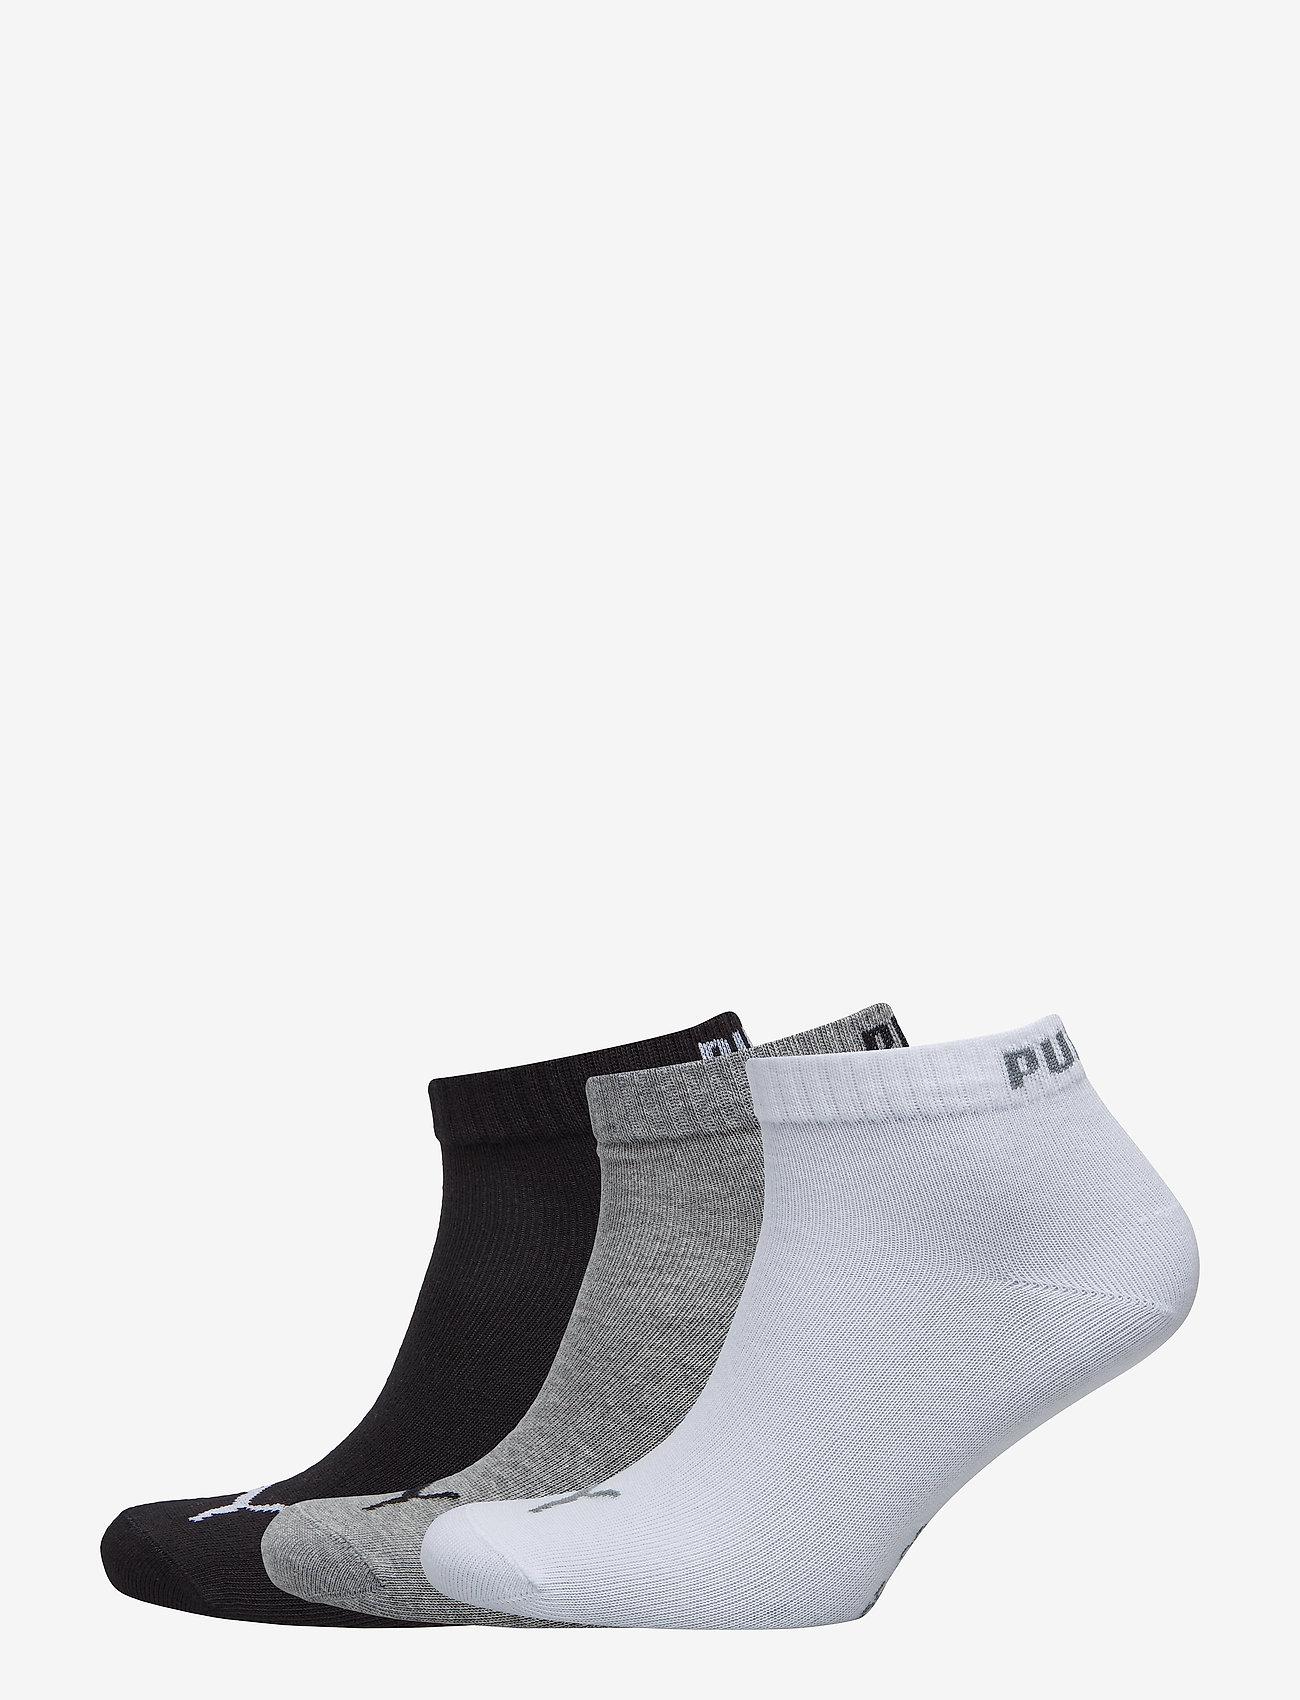 PUMA - PUMA UNISEX QUARTER PLAIN 3P - kousen - grey/white/black - 0